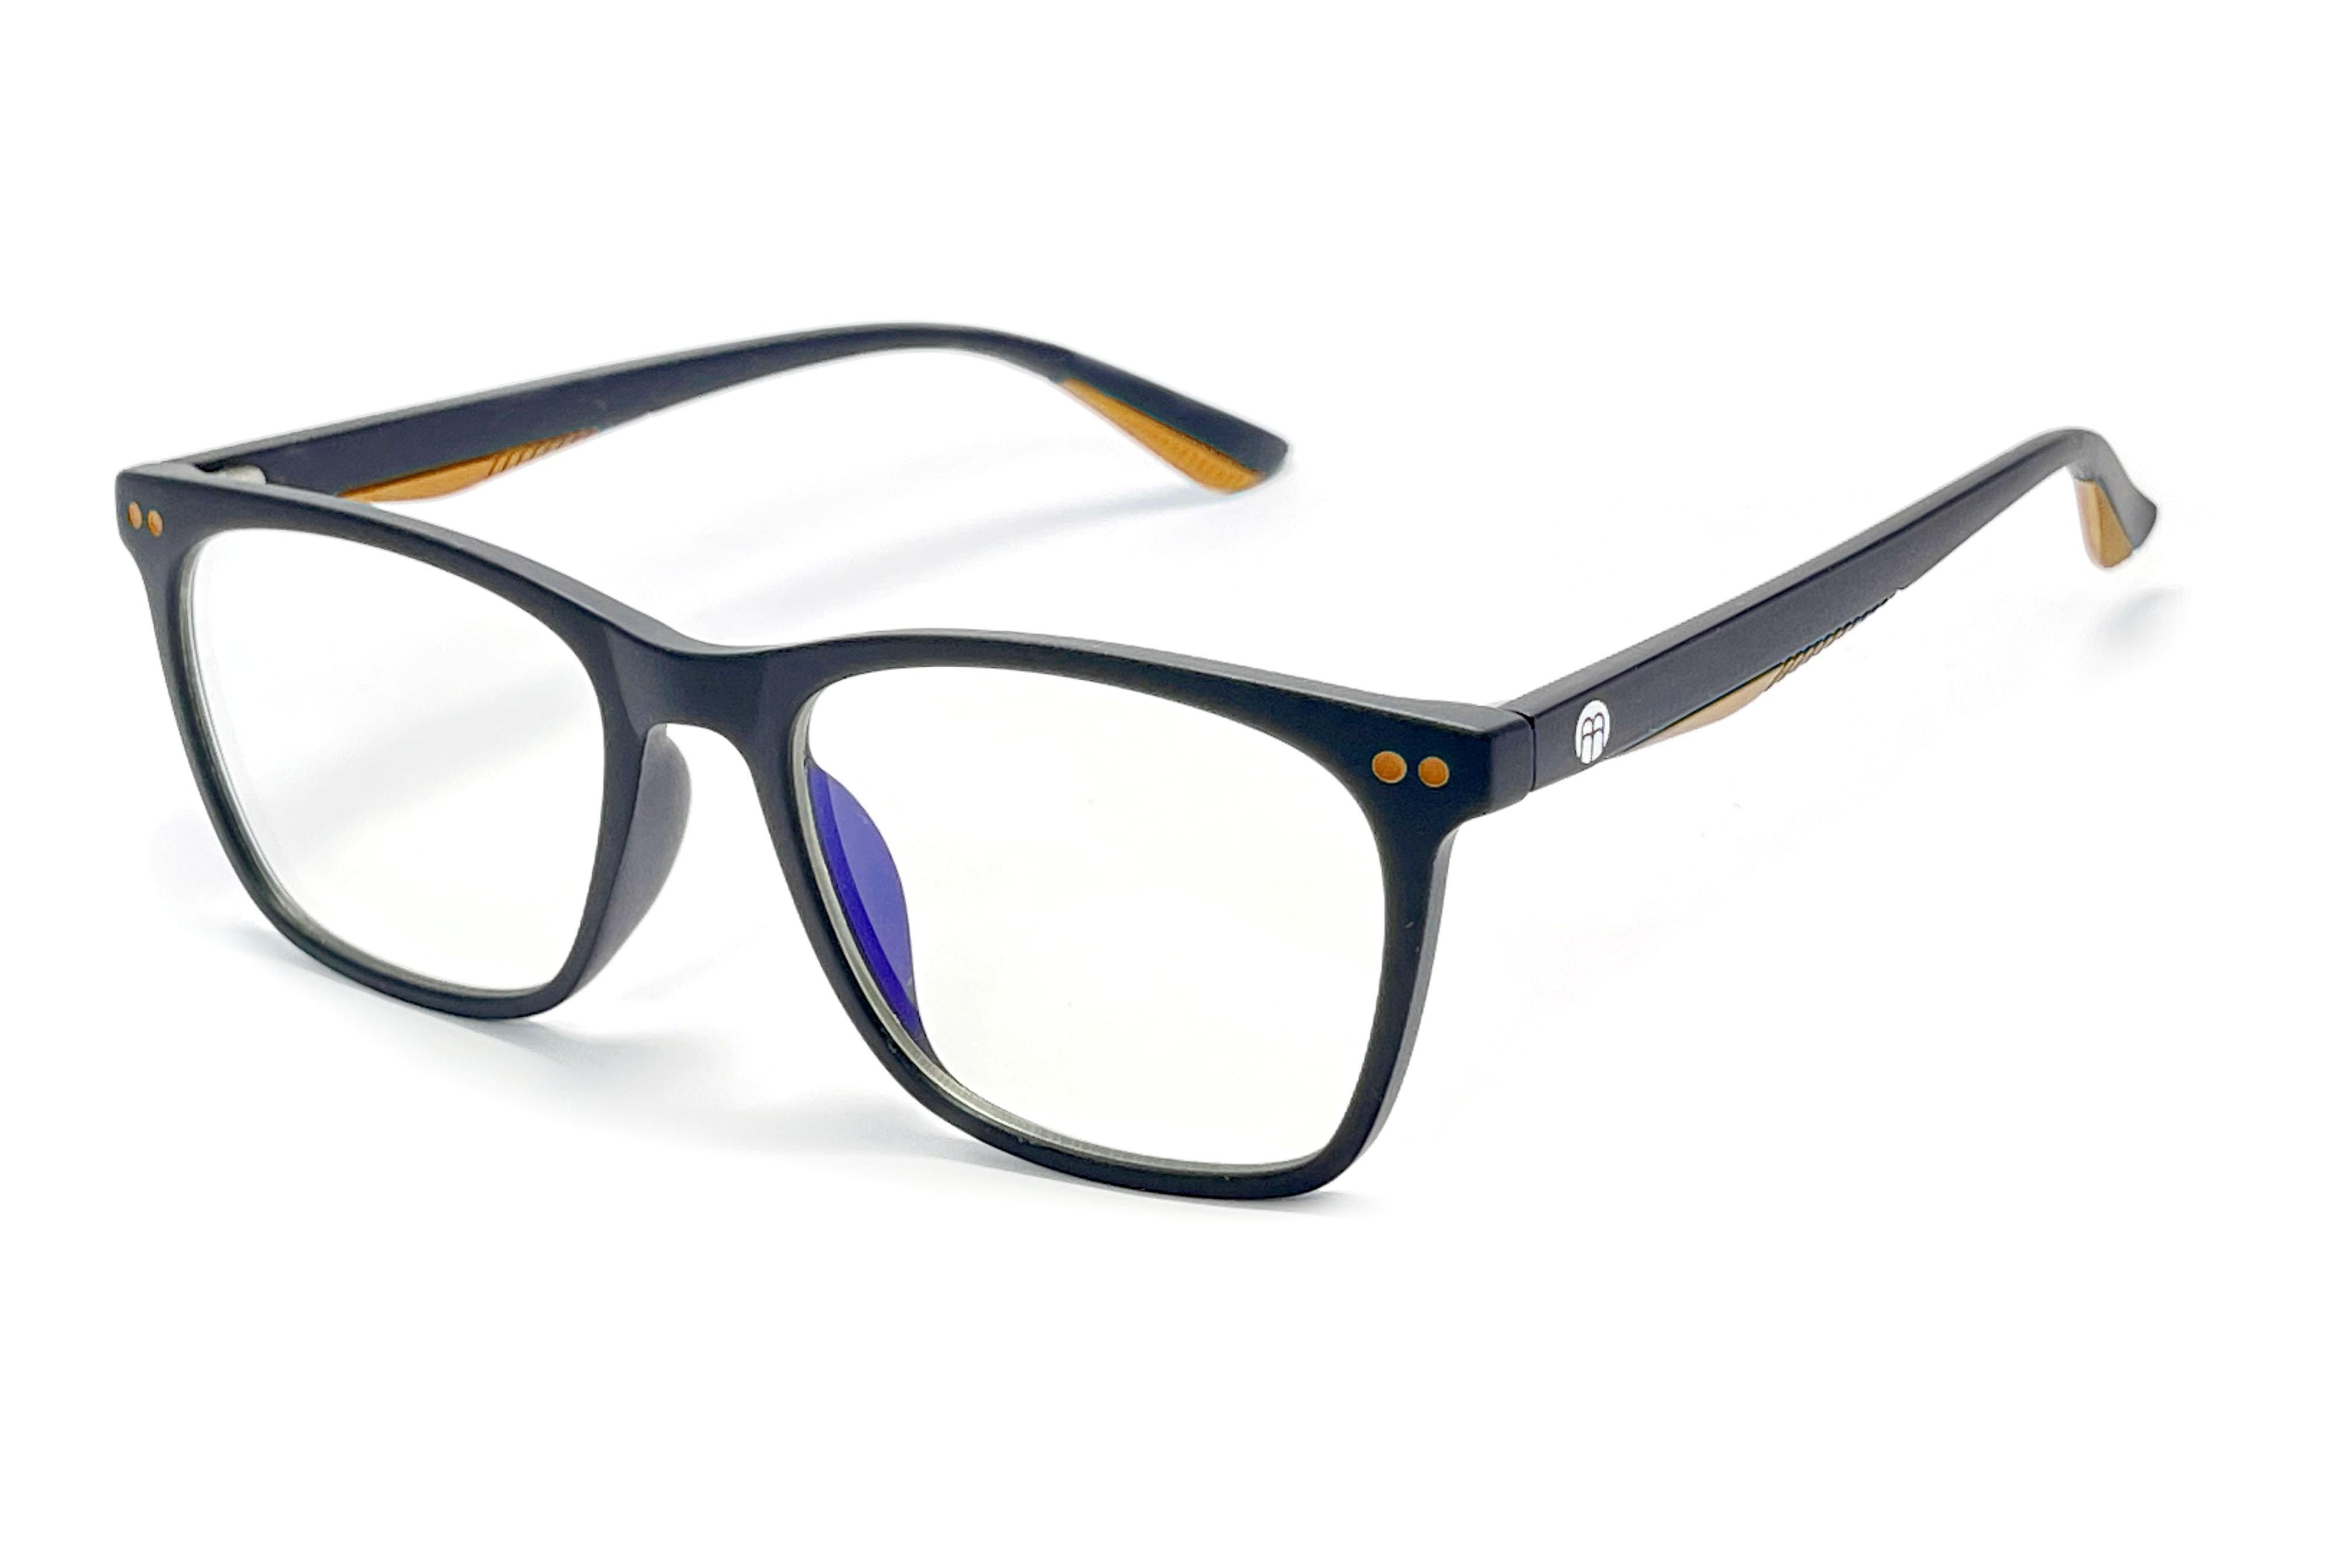 BrainMax Dětské brýle blokující 15% modrého světla (černé+žluté)